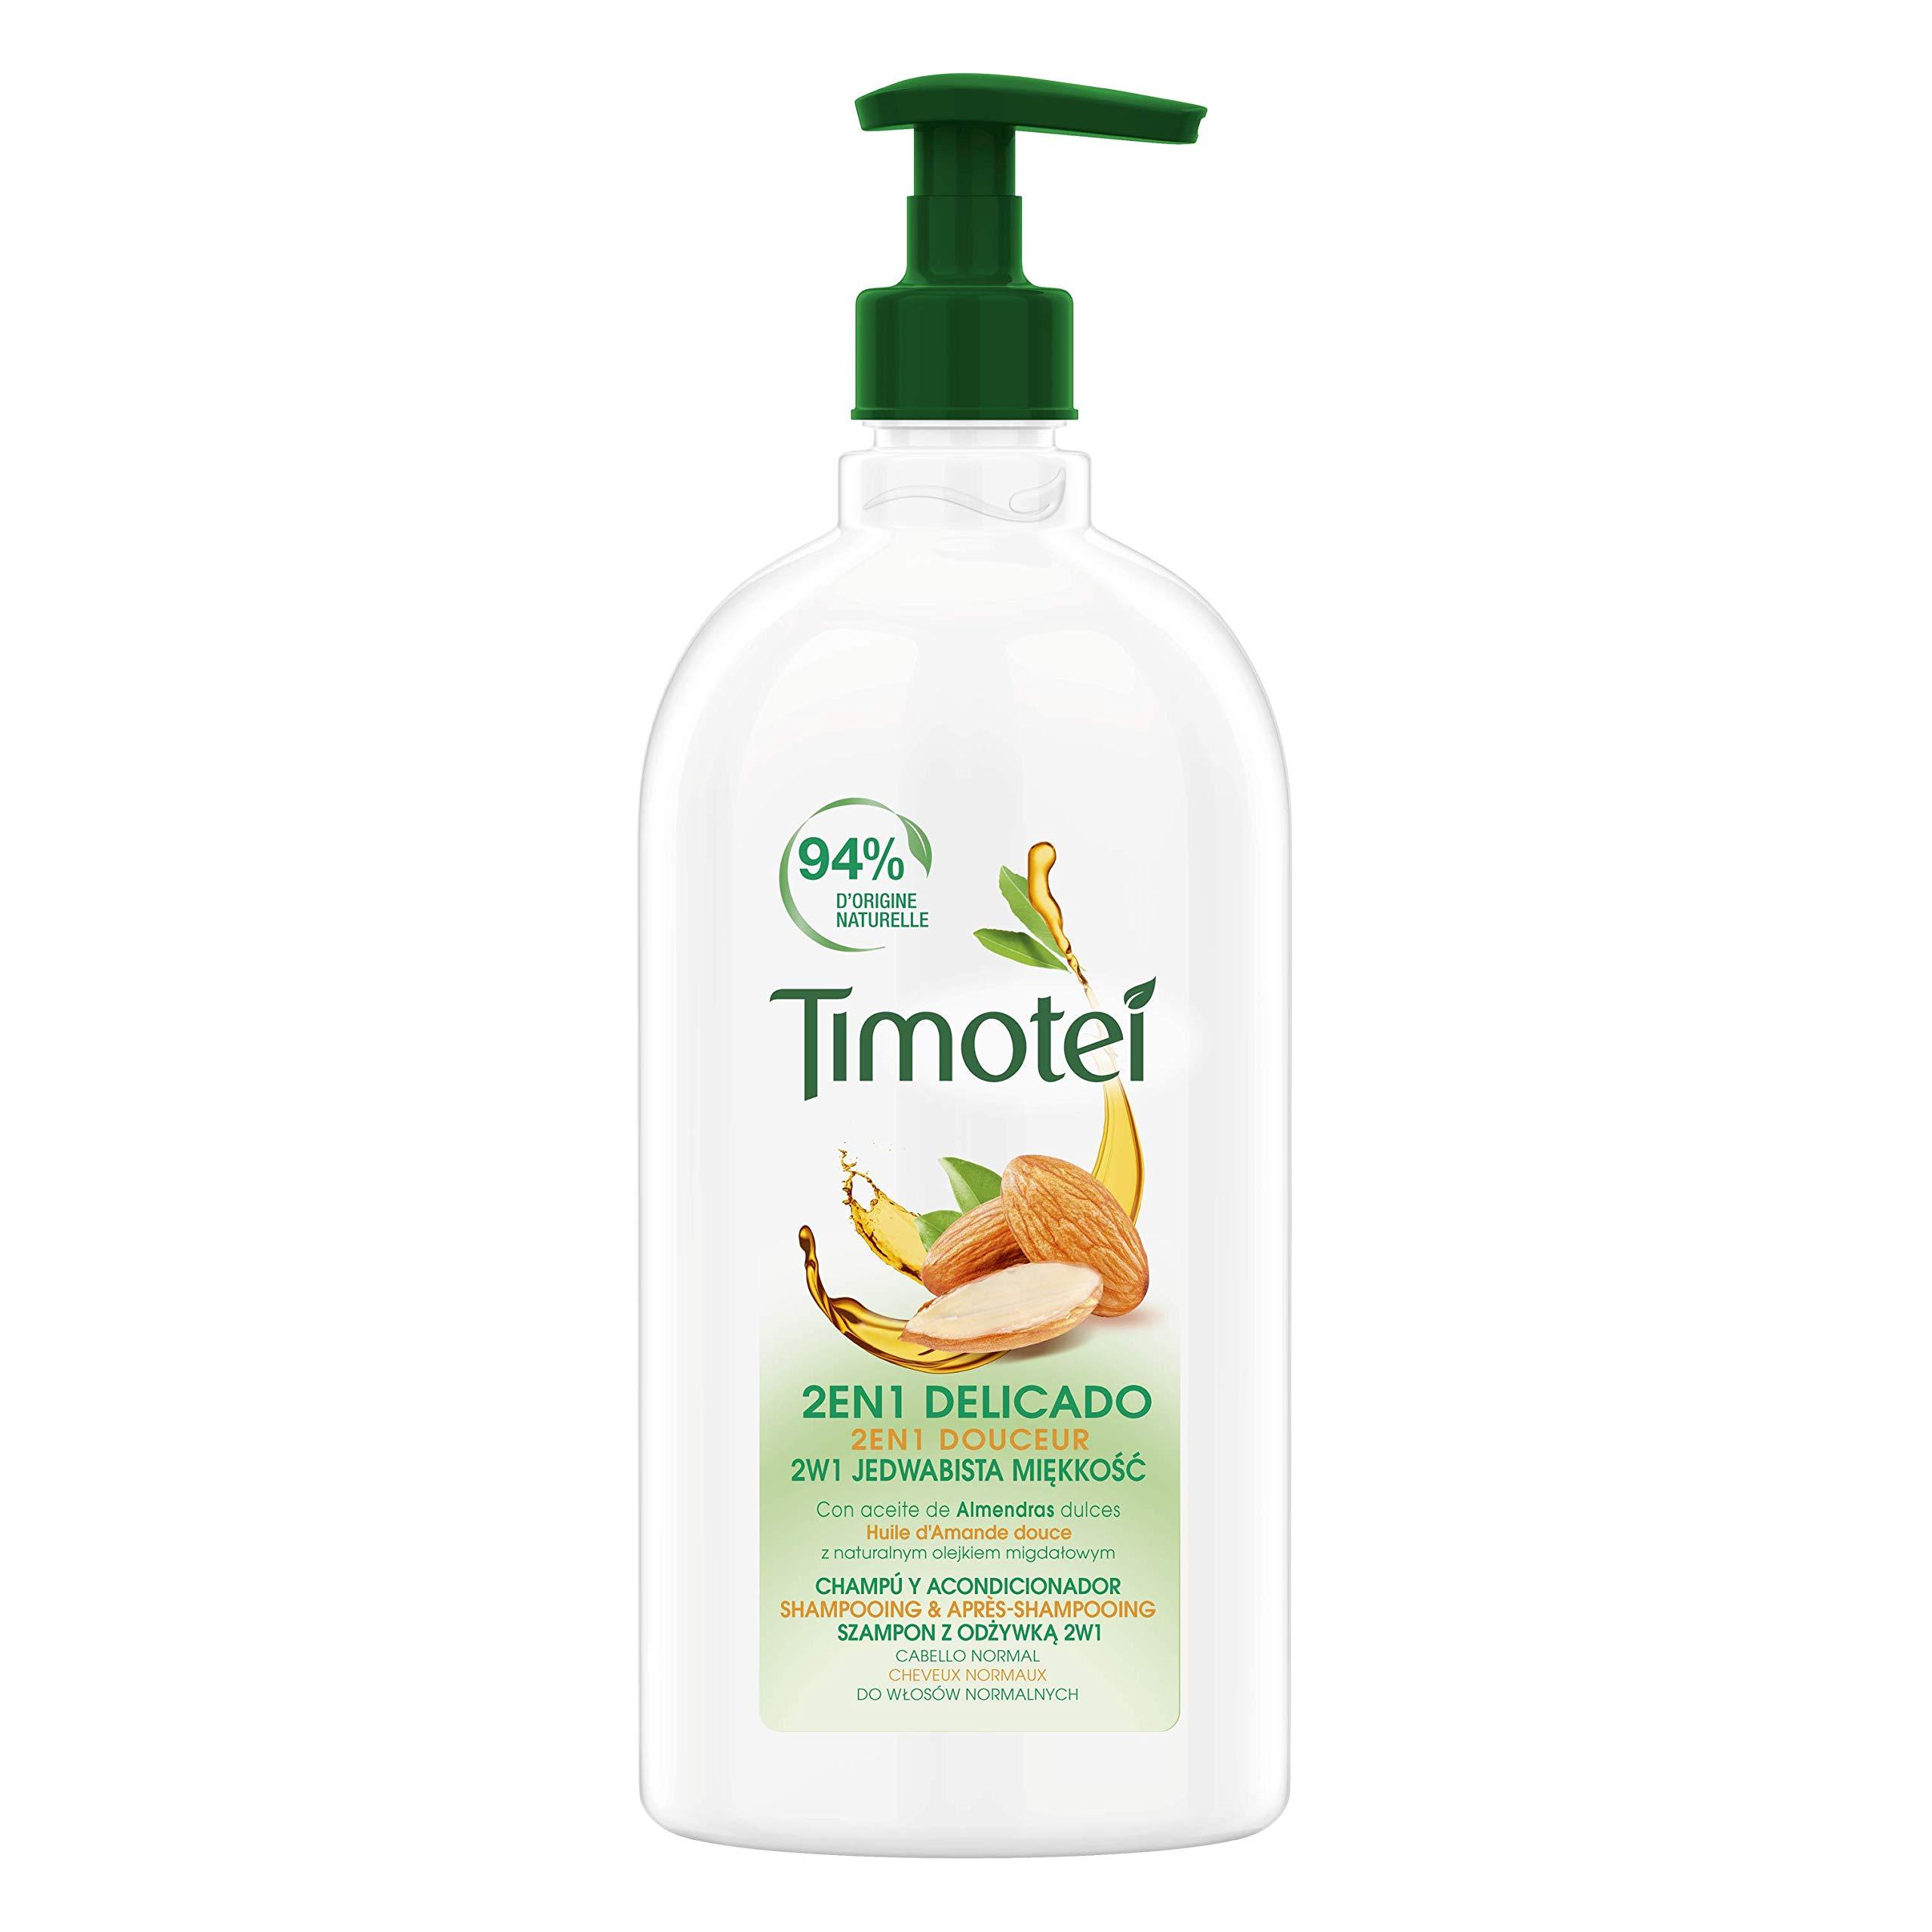 Timotei champú y acondicionador delicado para todo tipo de cabello con aceite de almendras dulces; con limpiadores de origen vegetal, 94% ingredientes de origen natural, 750ml